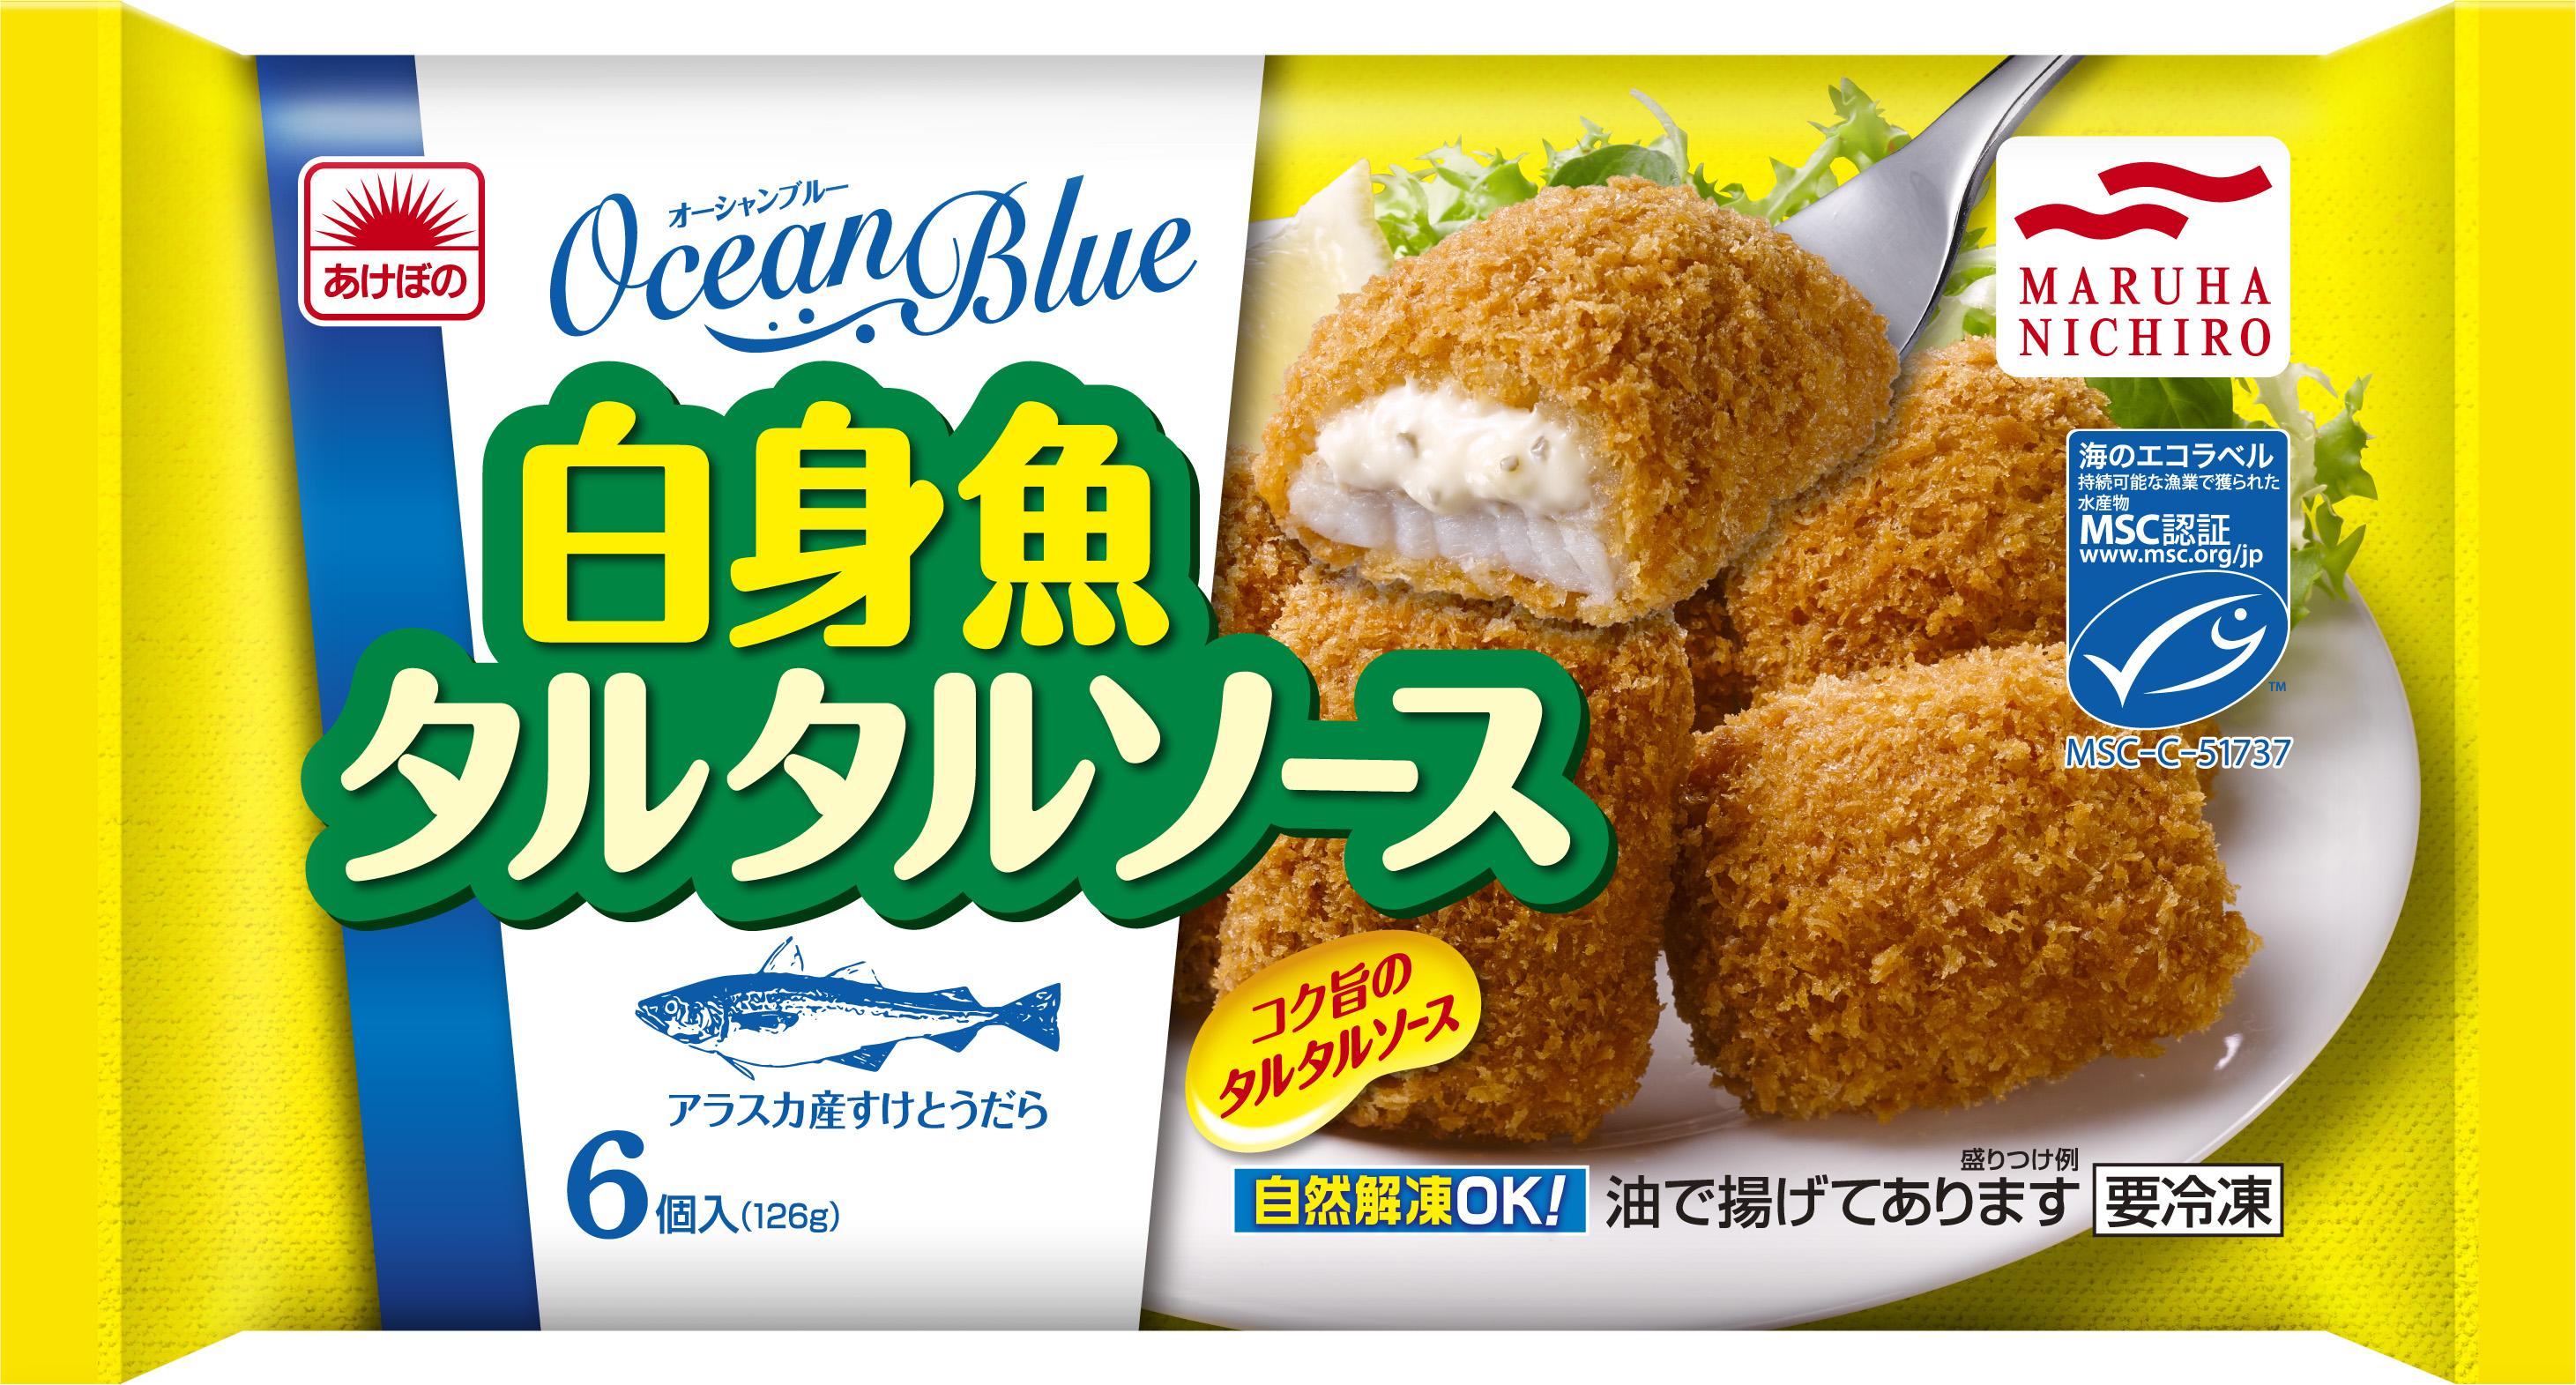 18位「白身魚タルタルソース」(マルハニチロ),国民1万人がガチで投票! 冷凍食品総選挙,テレビ朝日,家men